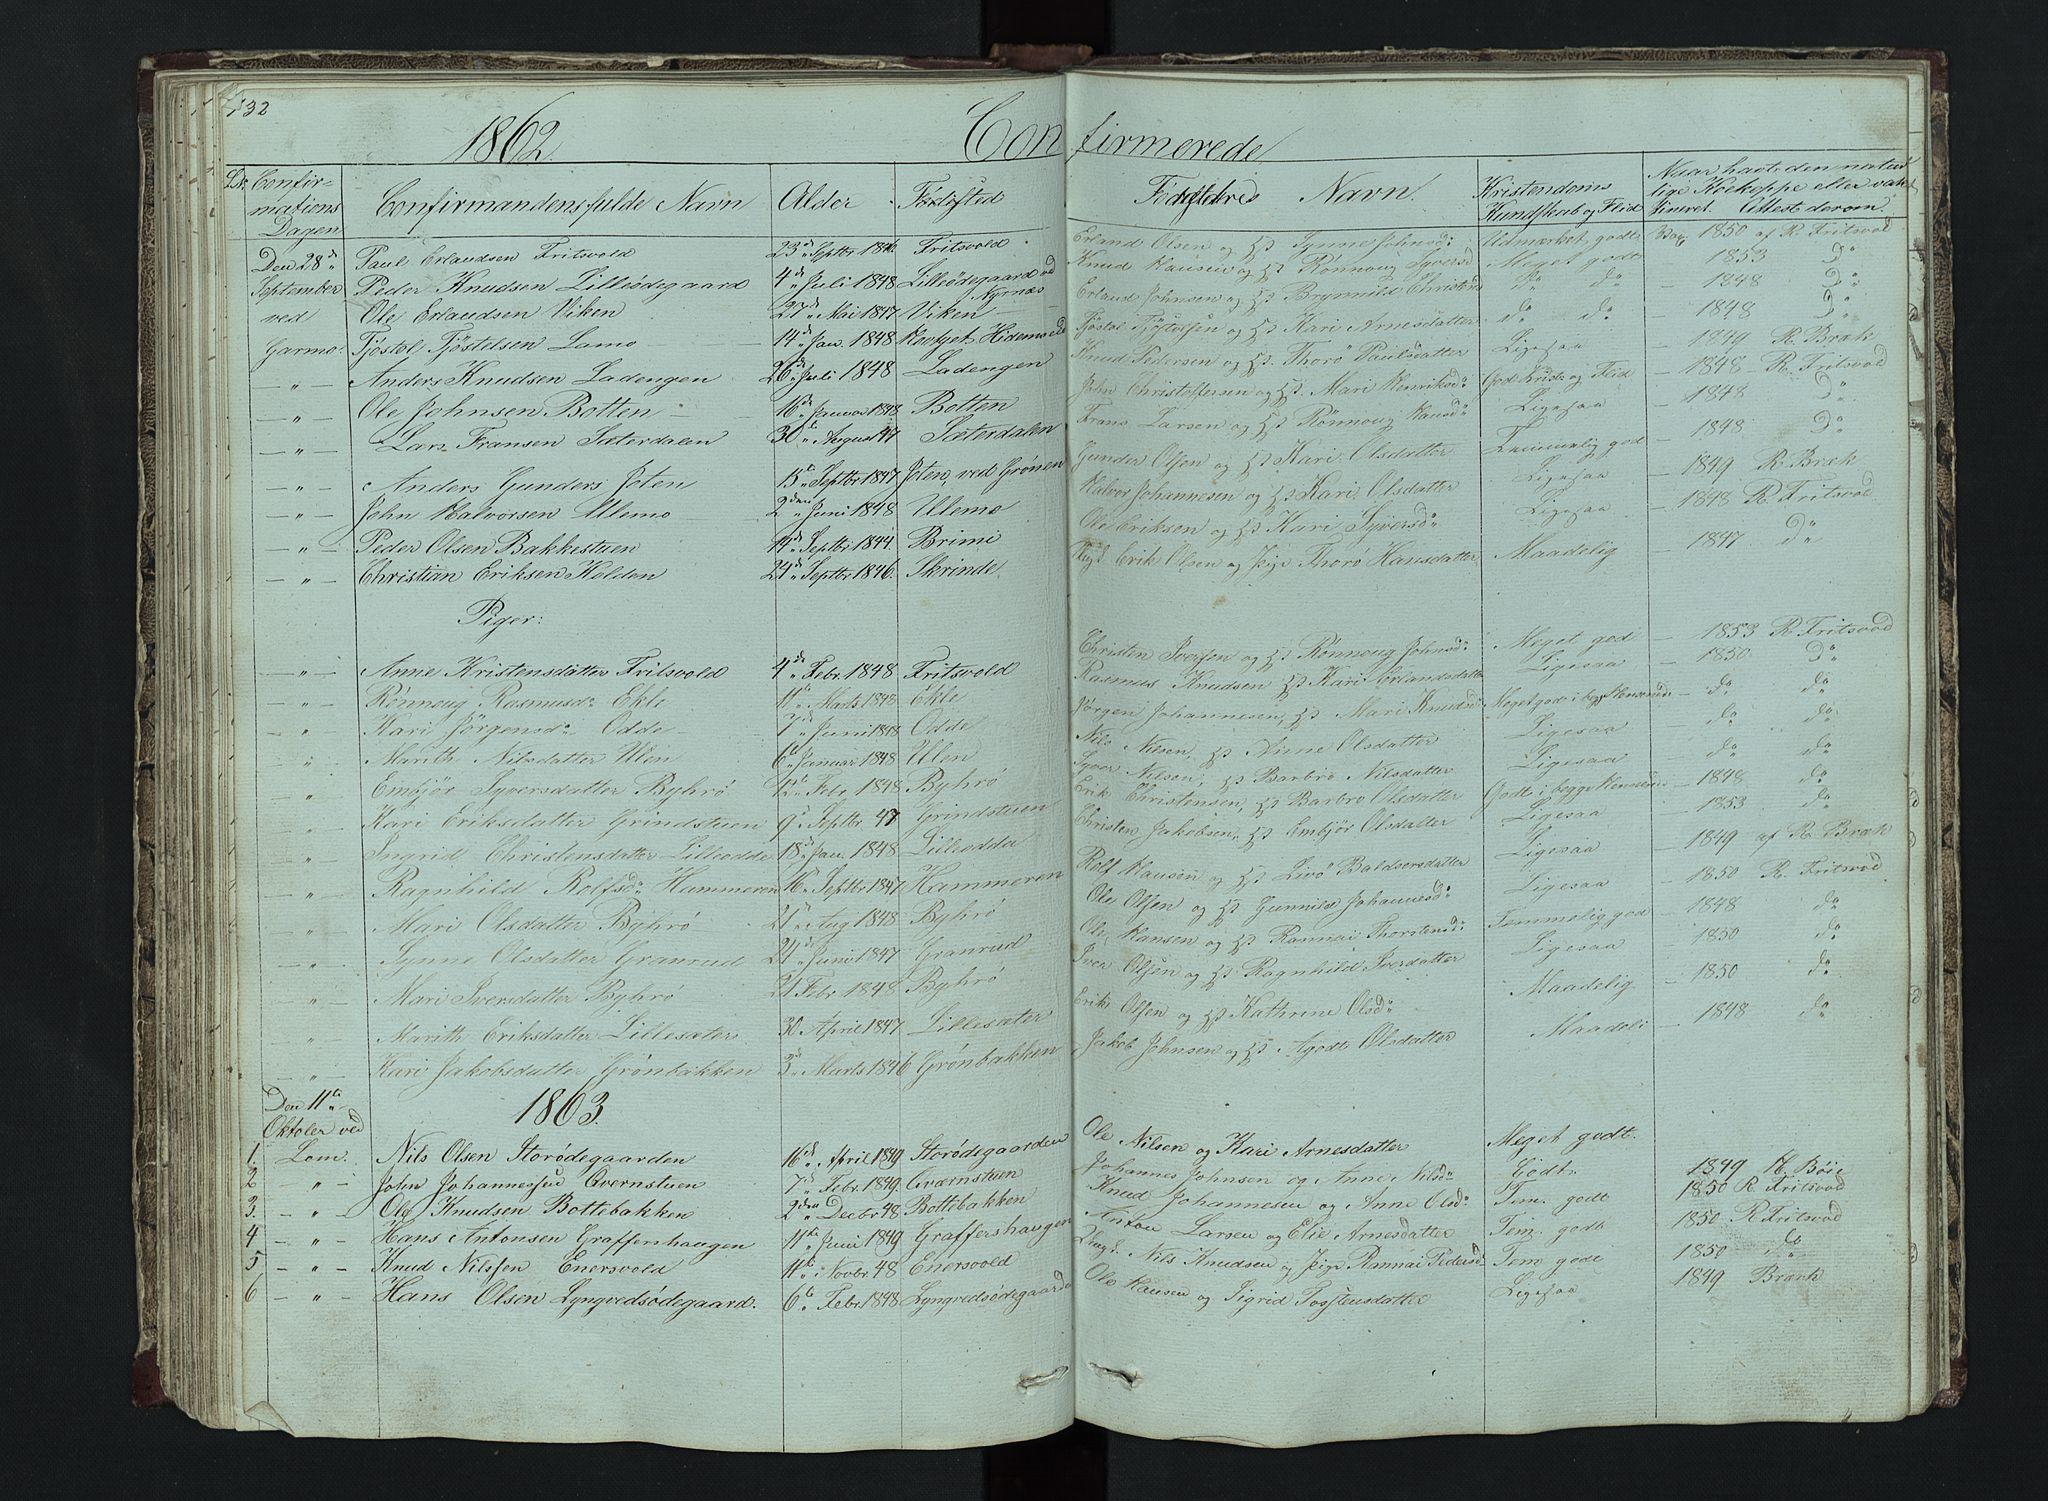 SAH, Lom prestekontor, L/L0014: Klokkerbok nr. 14, 1845-1876, s. 132-133